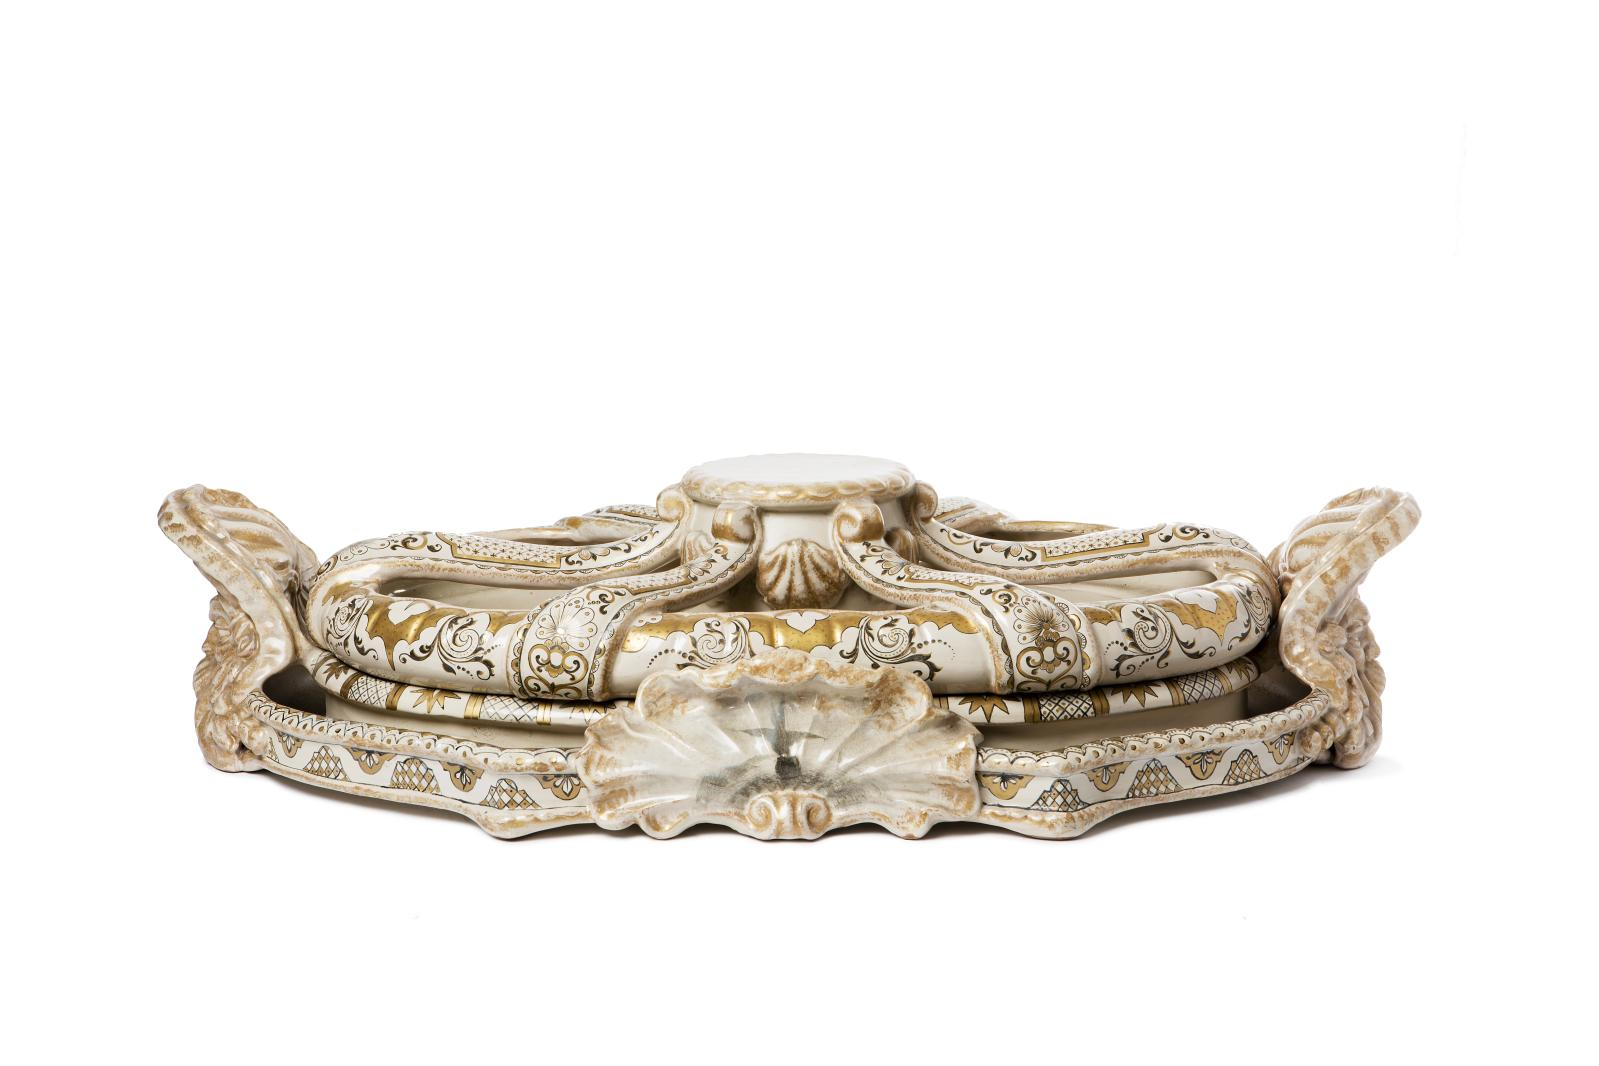 Émile Gallé, surtout de table en céramique formé par deux éléments amovibles; la base, ornée de deux visages d'homme formant prises et de deux coquil